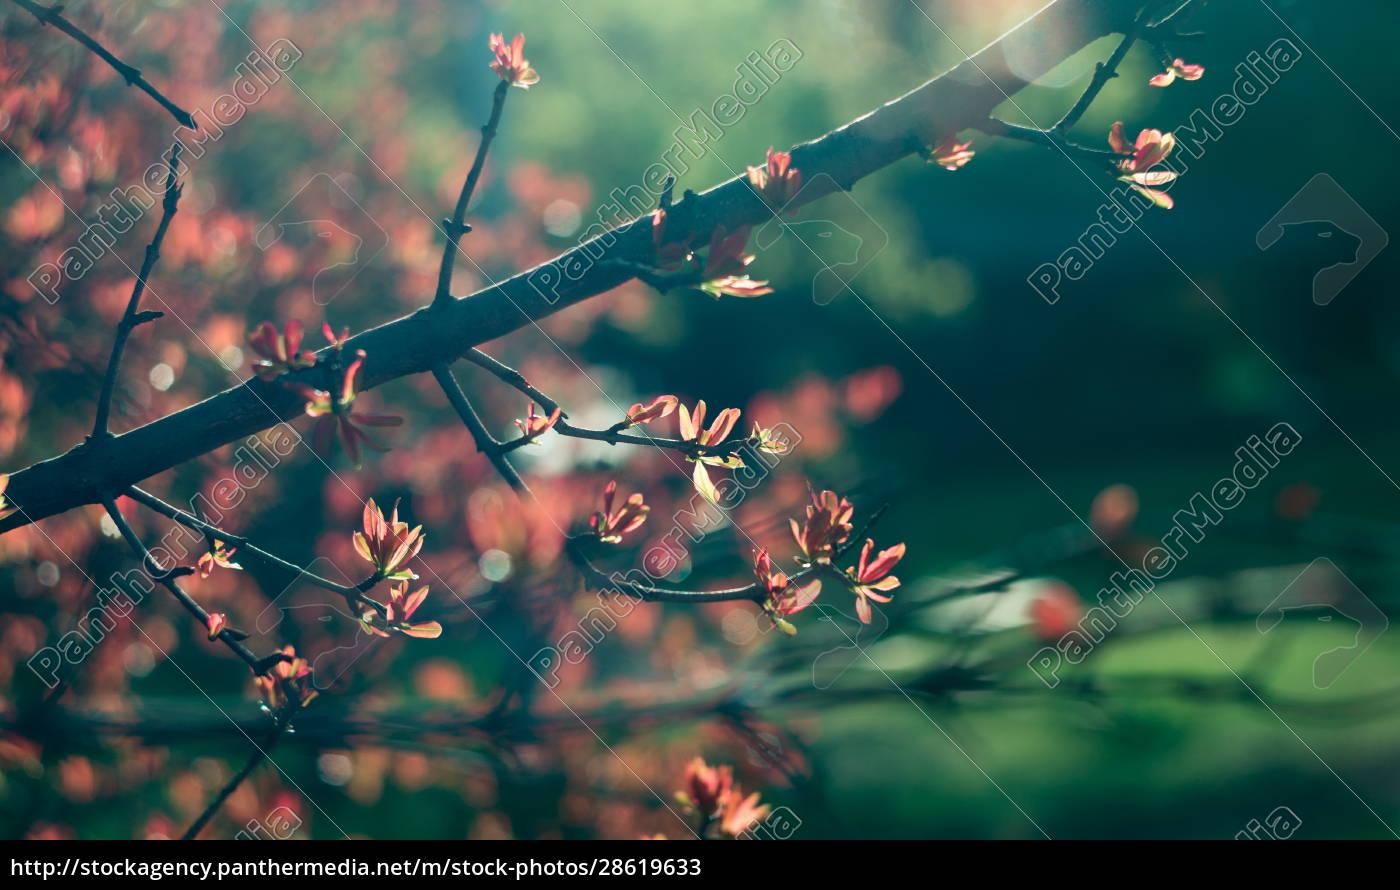 spring, time., blossom, plants, closeup - 28619633